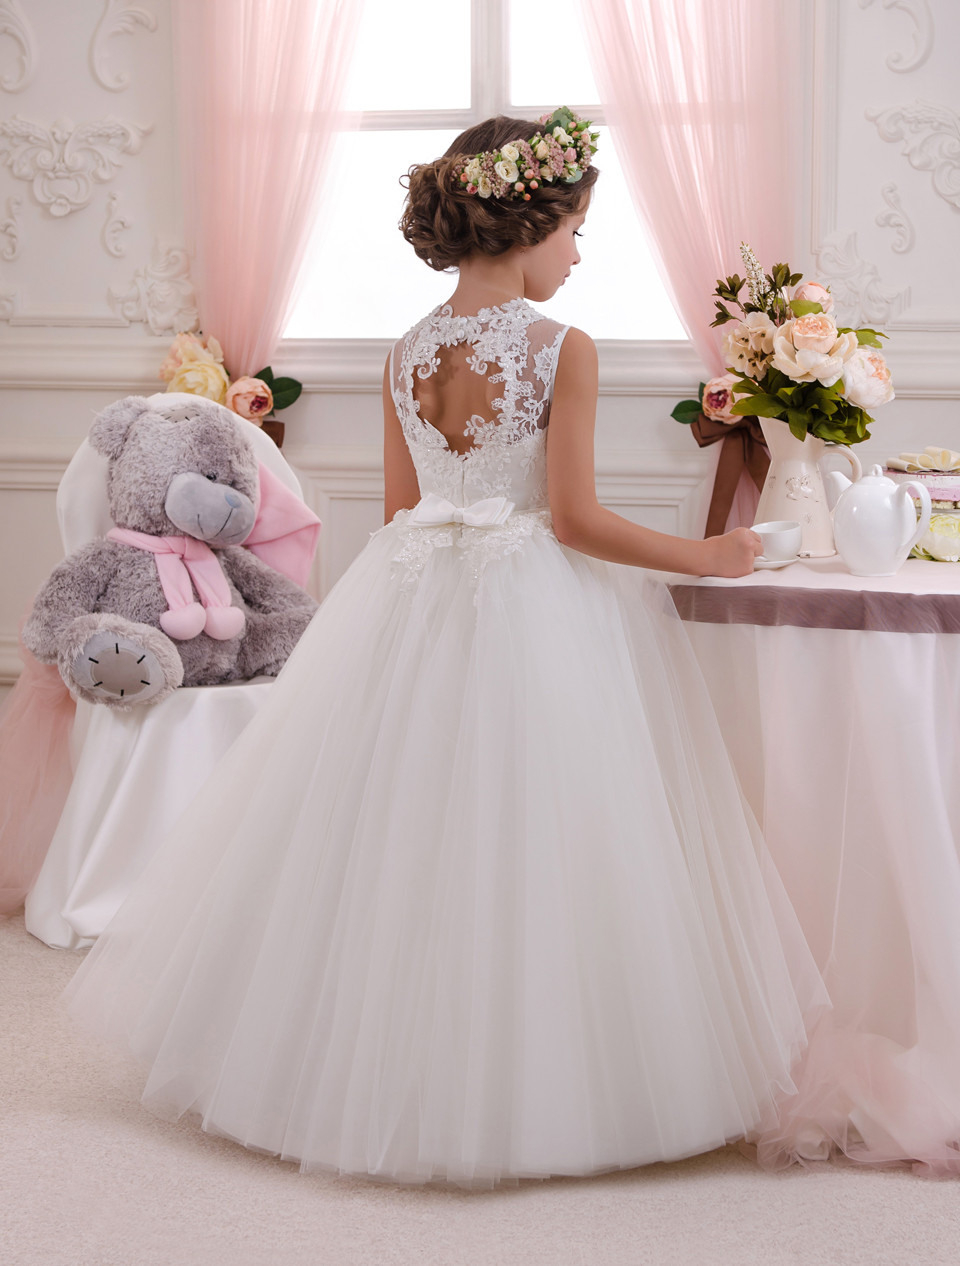 Os706 Blume Mädchen Kleider Loch Ballkleid Weiß Sleeveless